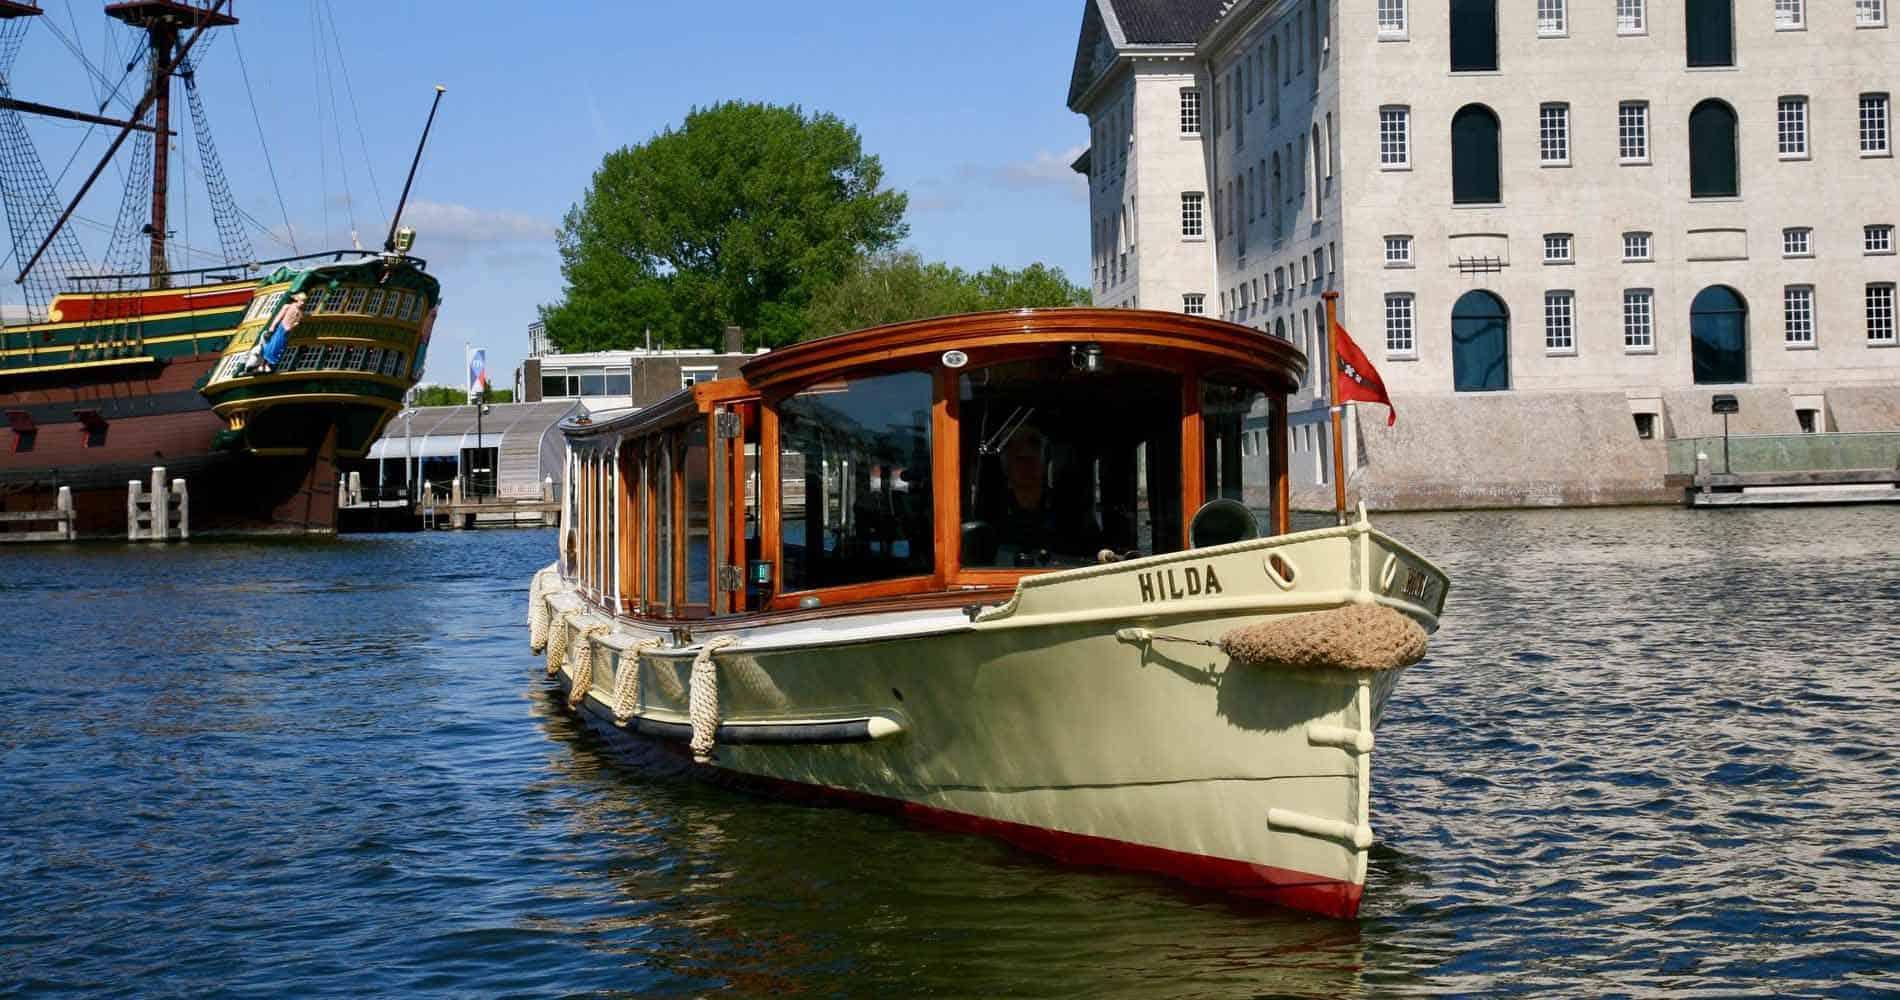 Hilda-Scheepvaartmuseum-Amsterdam-VOC-schip